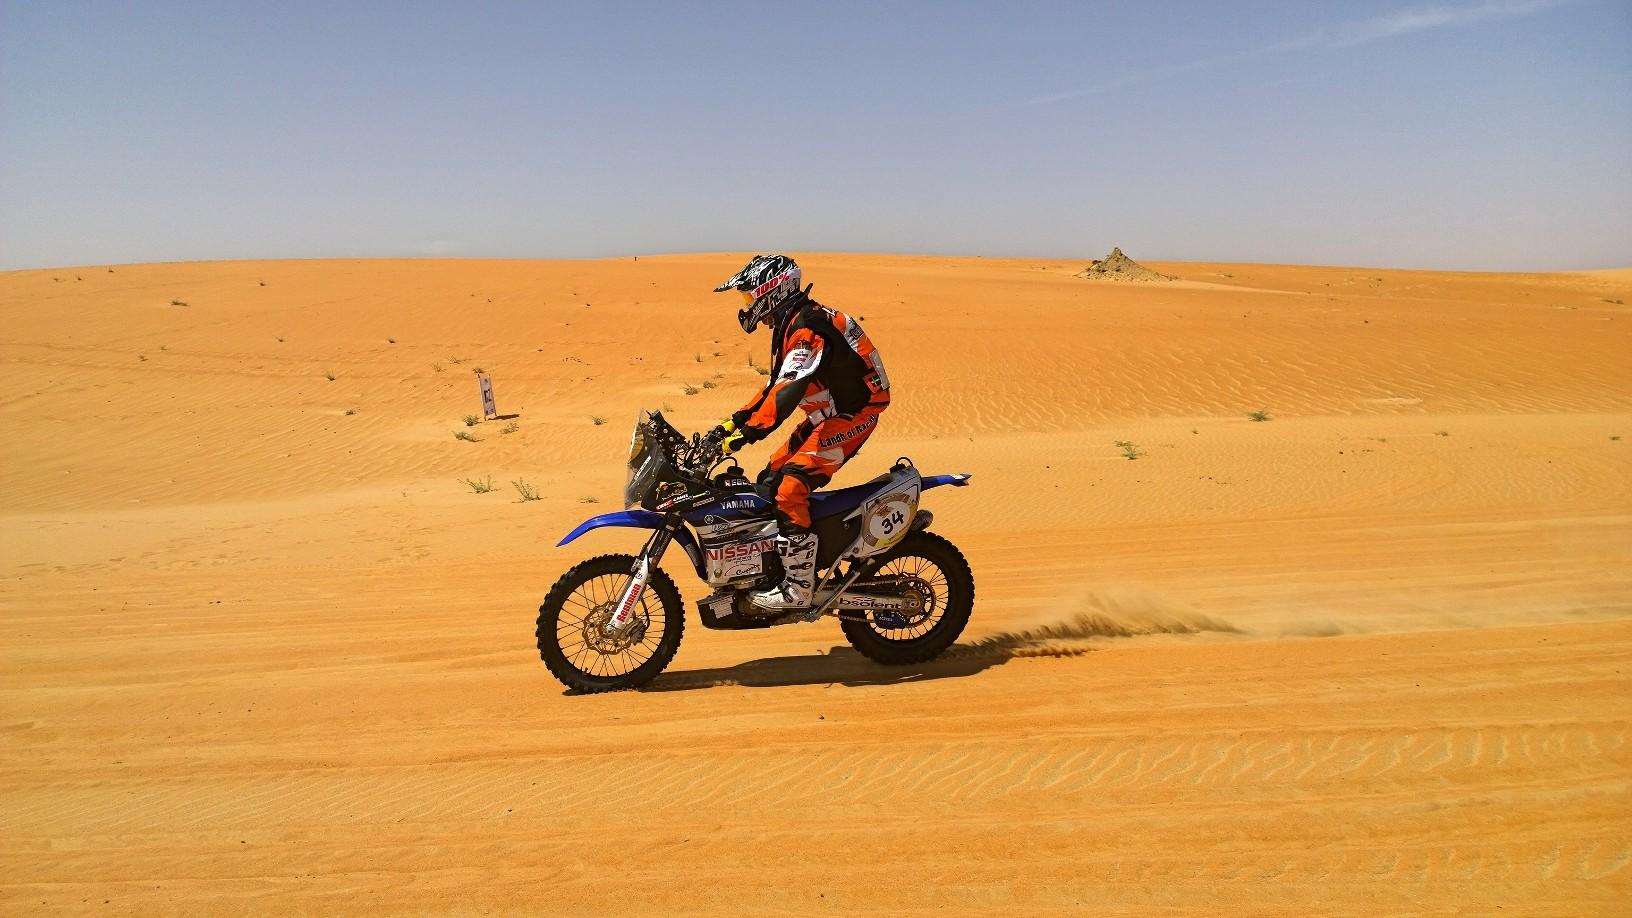 Abu Dhabi Desert Challenge 2015 Yamaha WR450F Rally 19